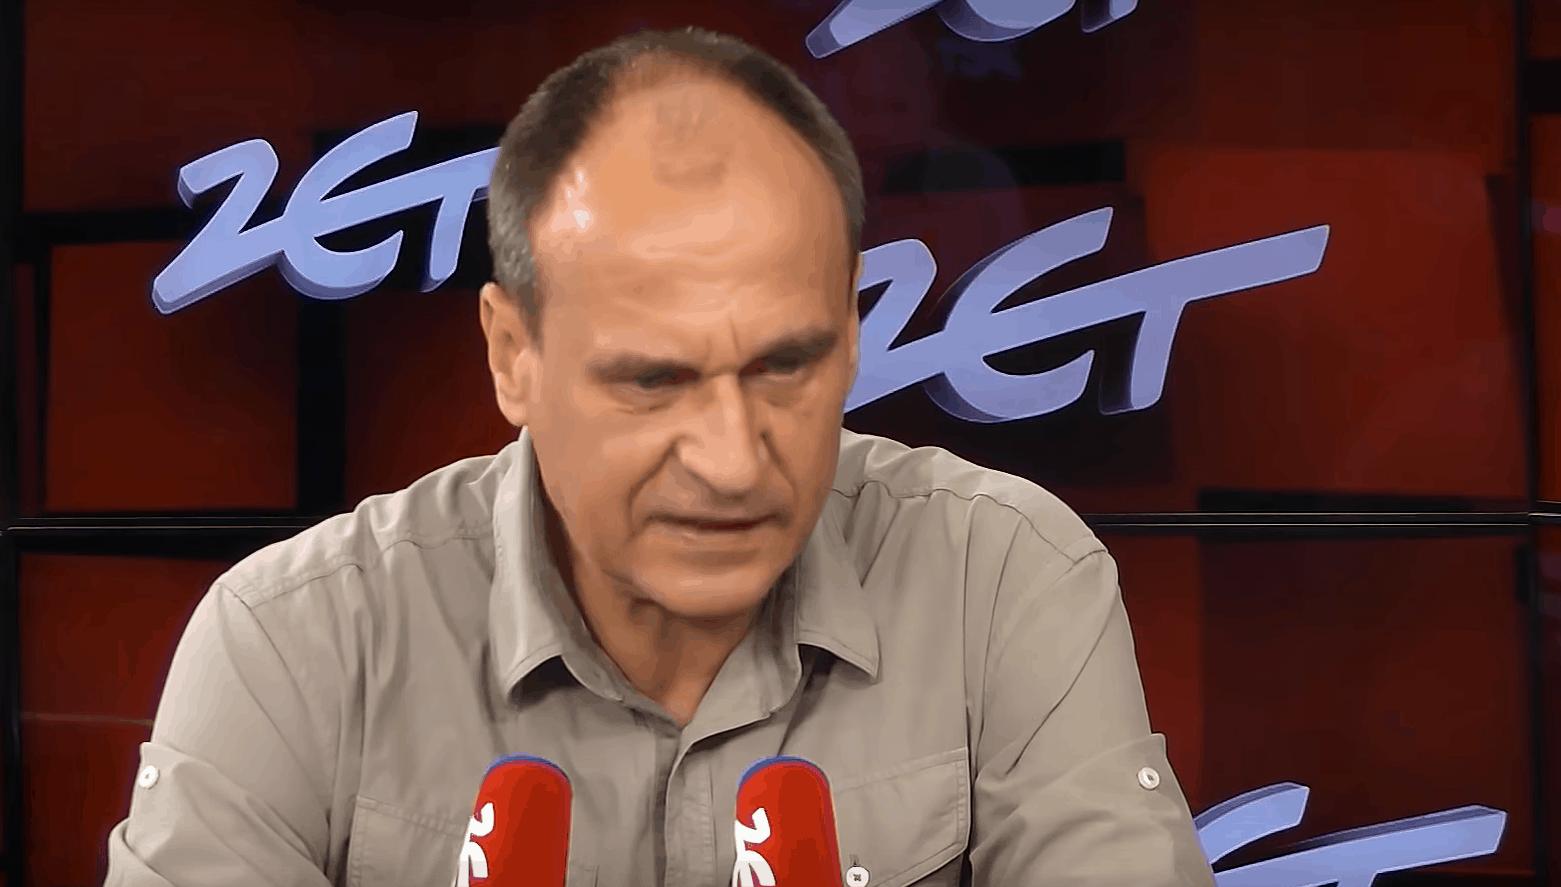 Paweł Kukiz sporo stracił w oczach swoich wyborców, teraz polityk znajduje się w koalicji z PSL, które określał mianem zorganizowanej grupy przestępczej.